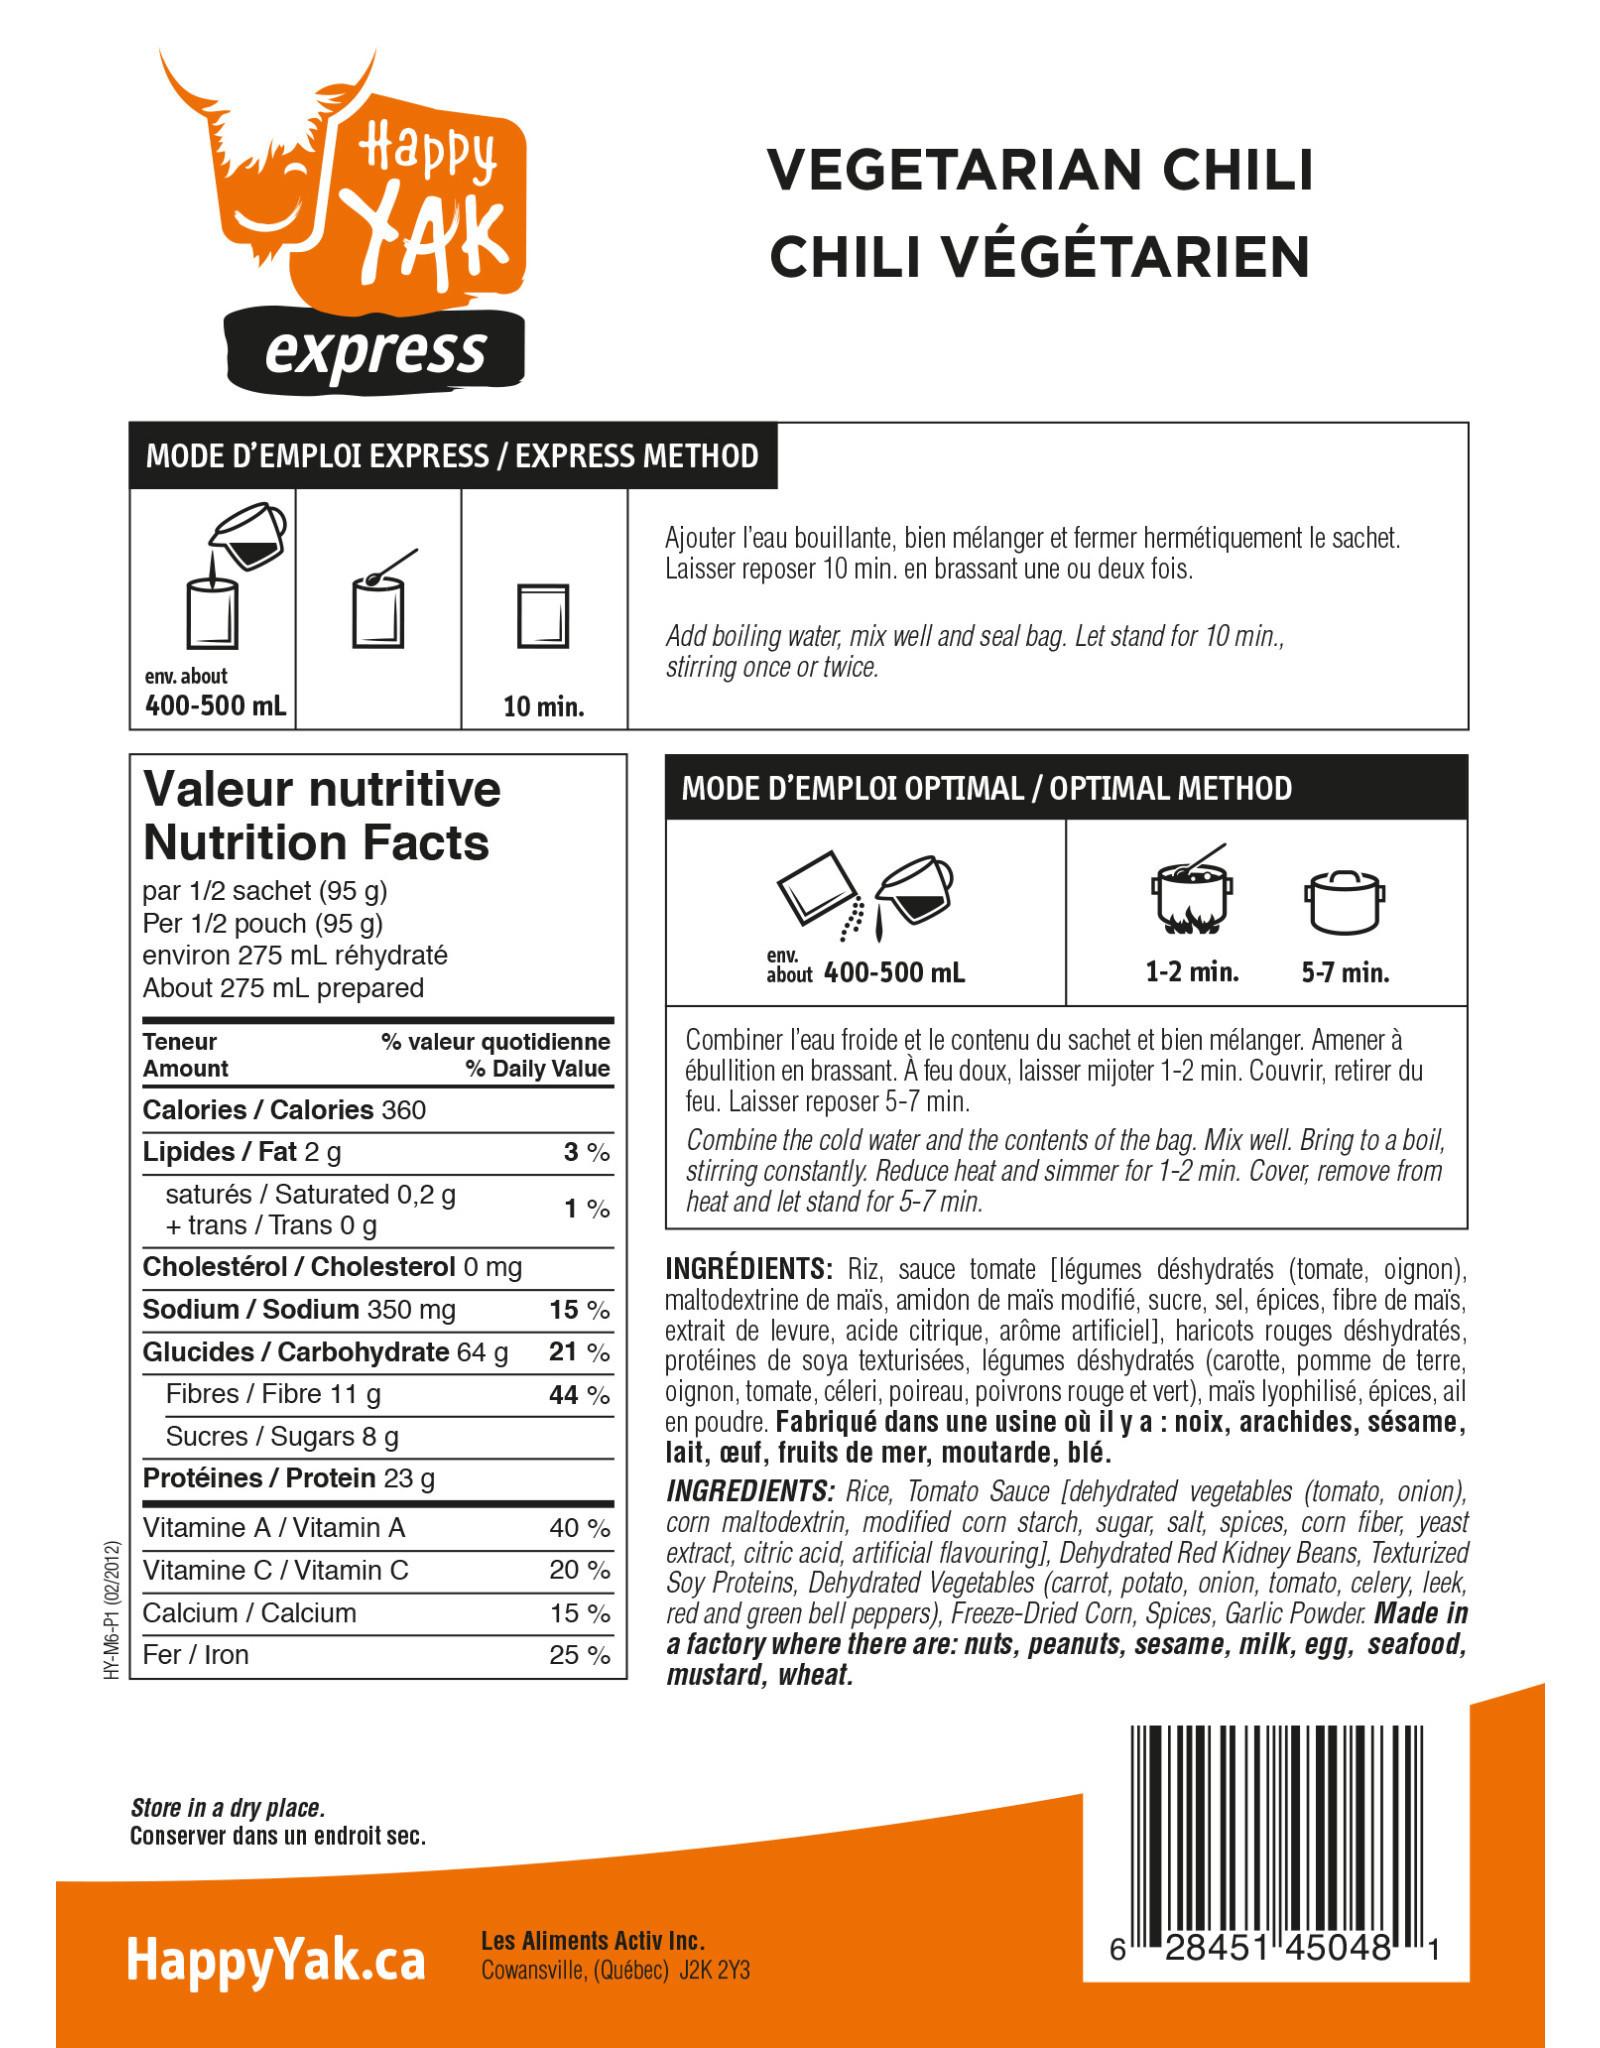 Happy Yak Happy Yak Vegetarian Chili (Vegan, Gluten Free, Lactose Free)